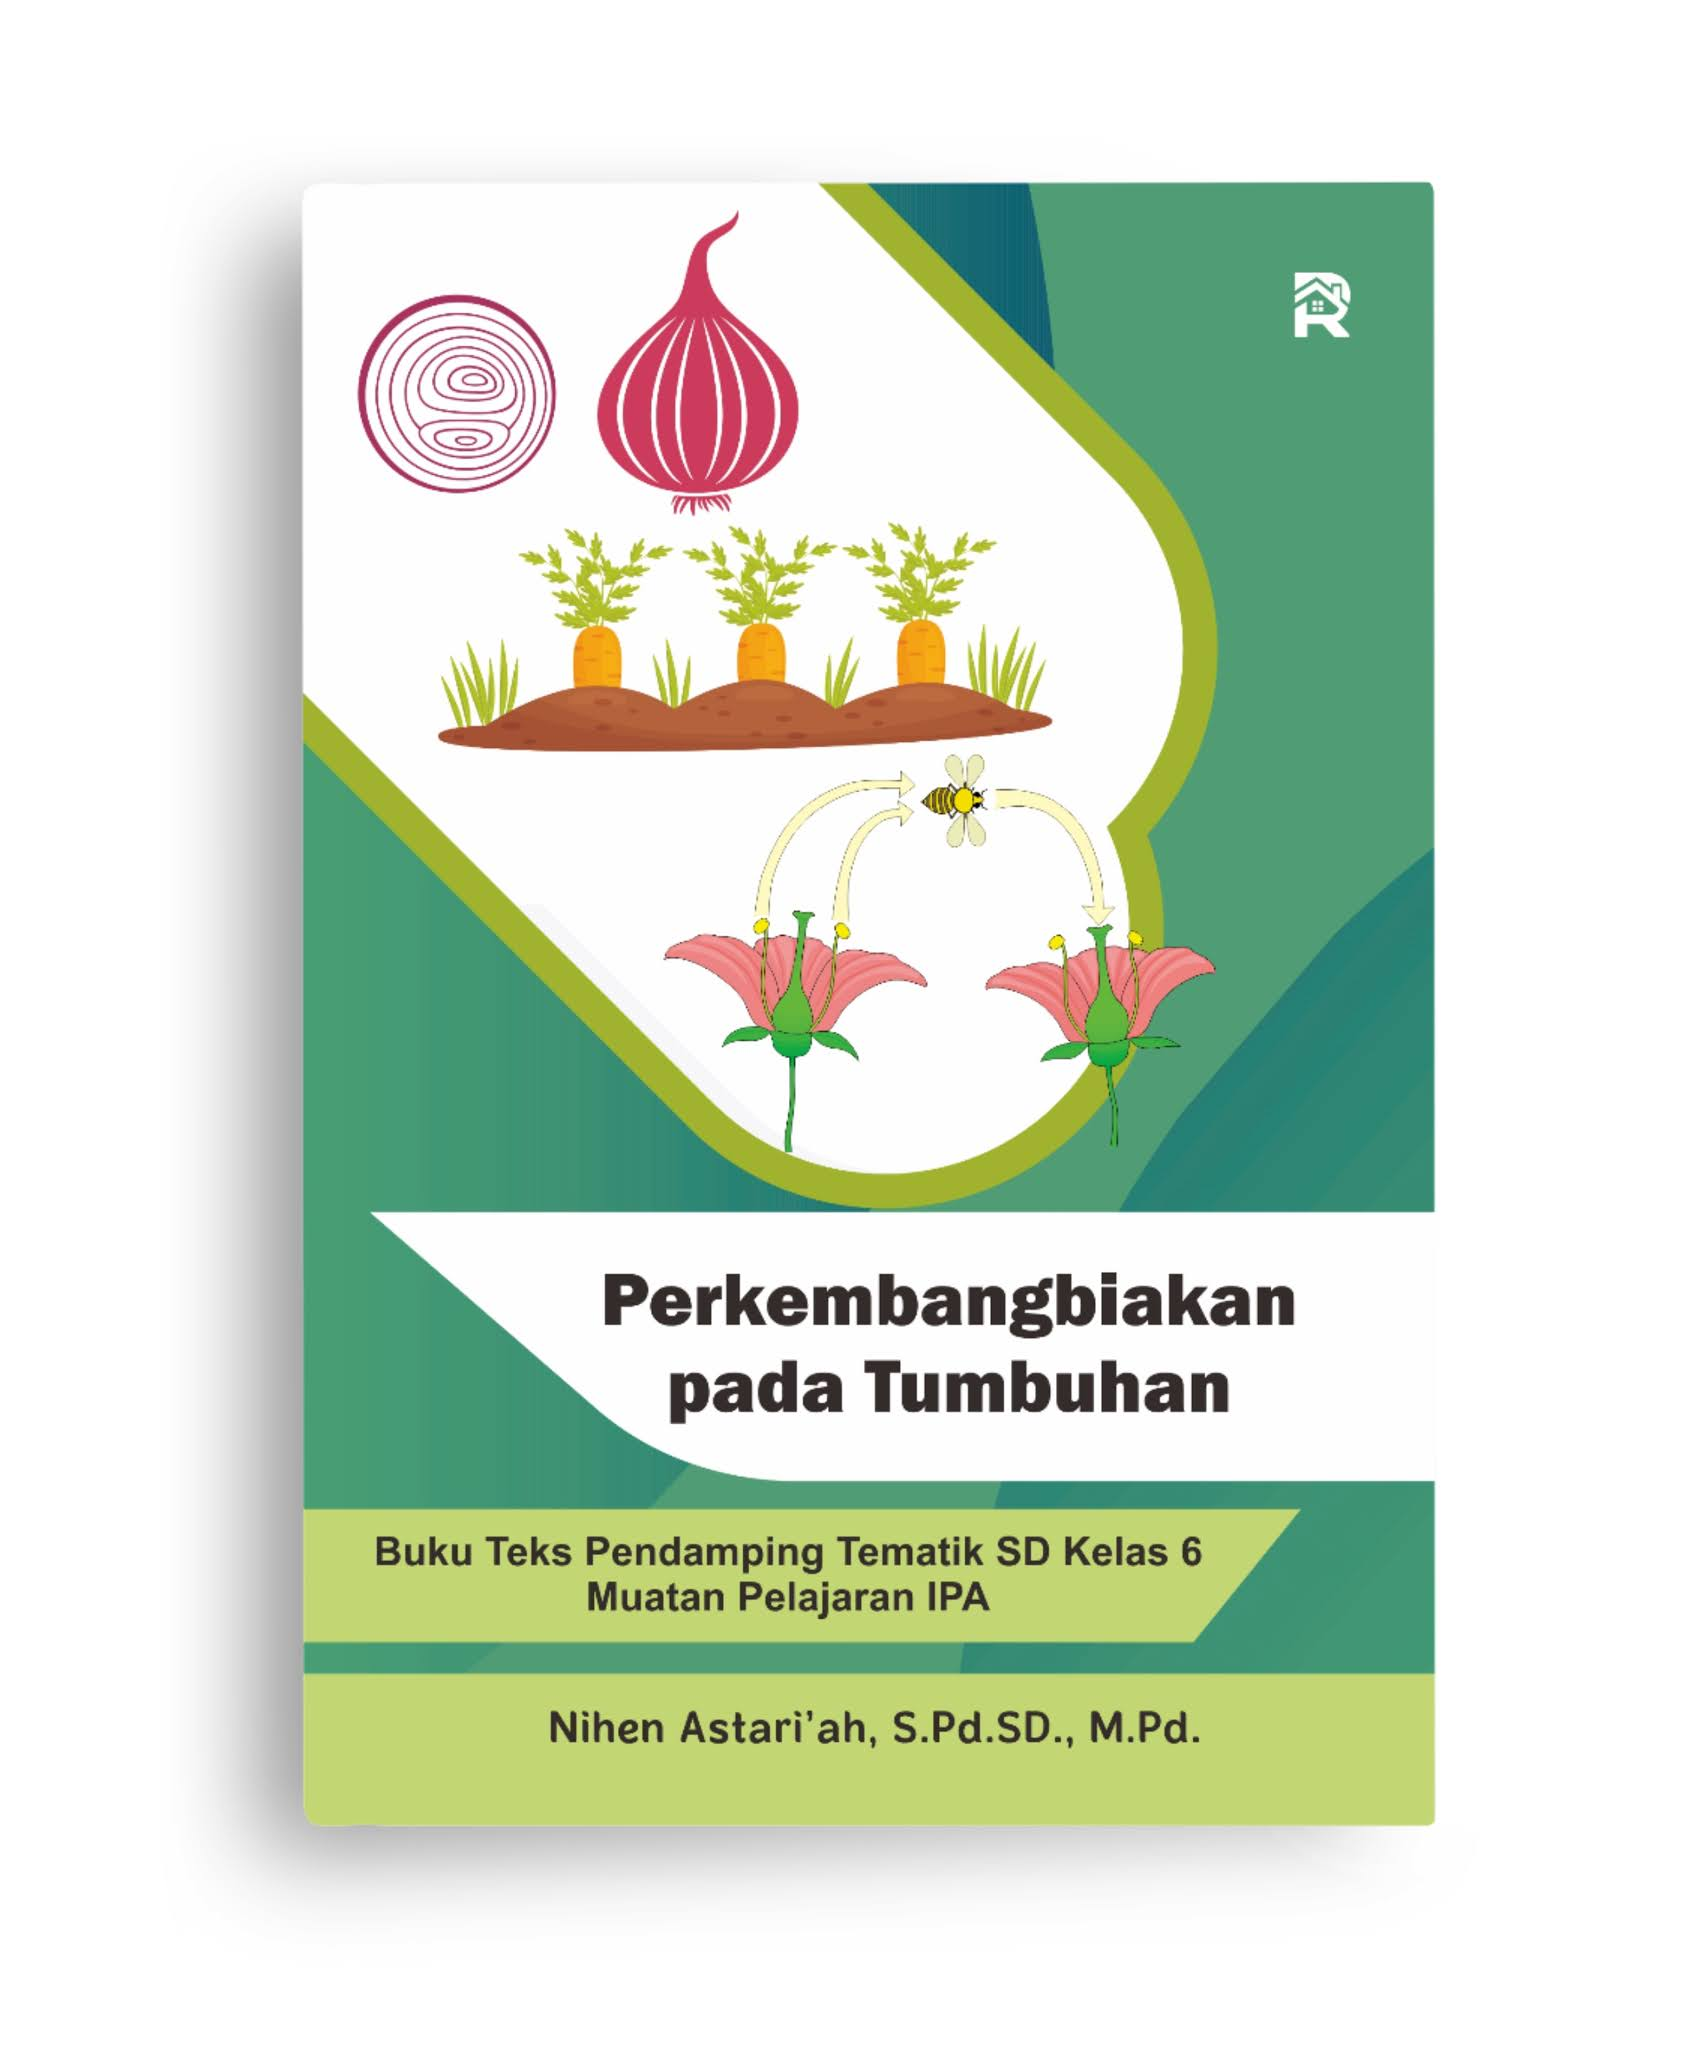 Perkembangbiakan pada Tumbuhan (Buku Teks Pendamping Tematik SD Kelas 6 Muatan Pelajaran IPA)